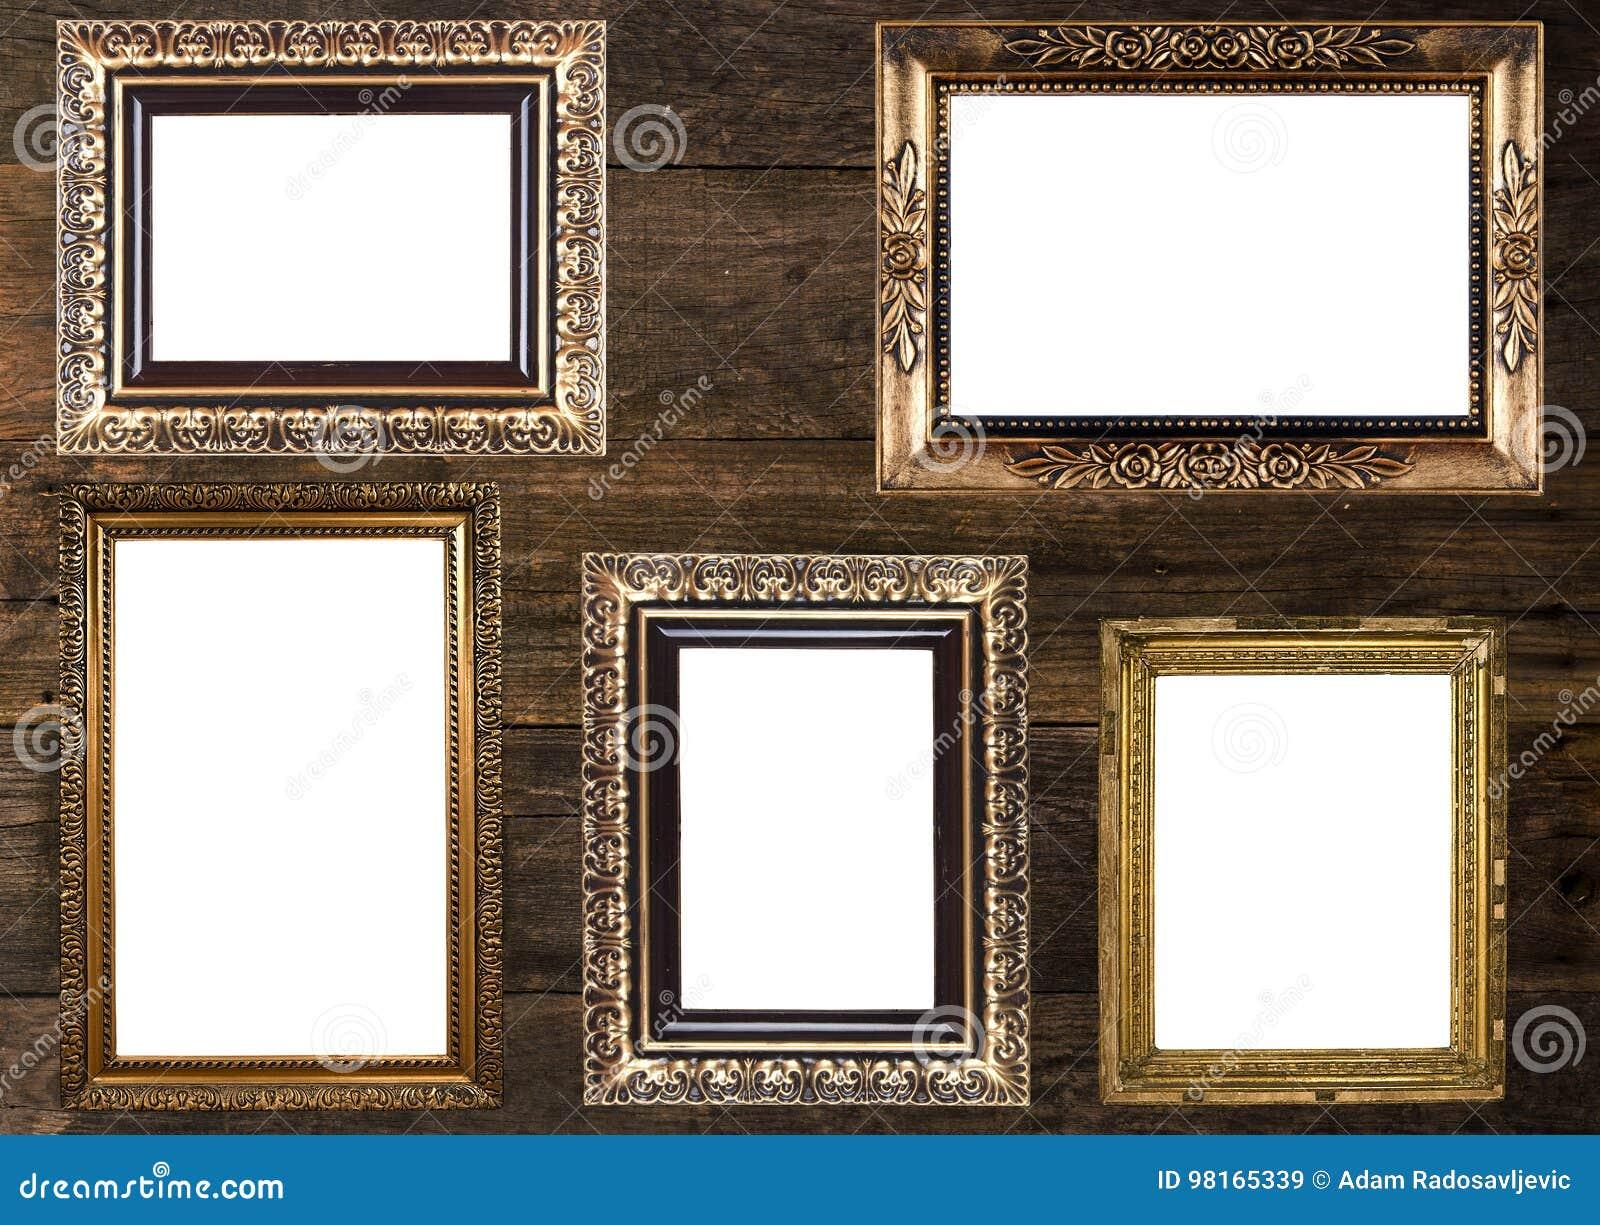 Altgold-Bilderrahmen Auf Hölzerner Wand Stockbild - Bild von möbel ...